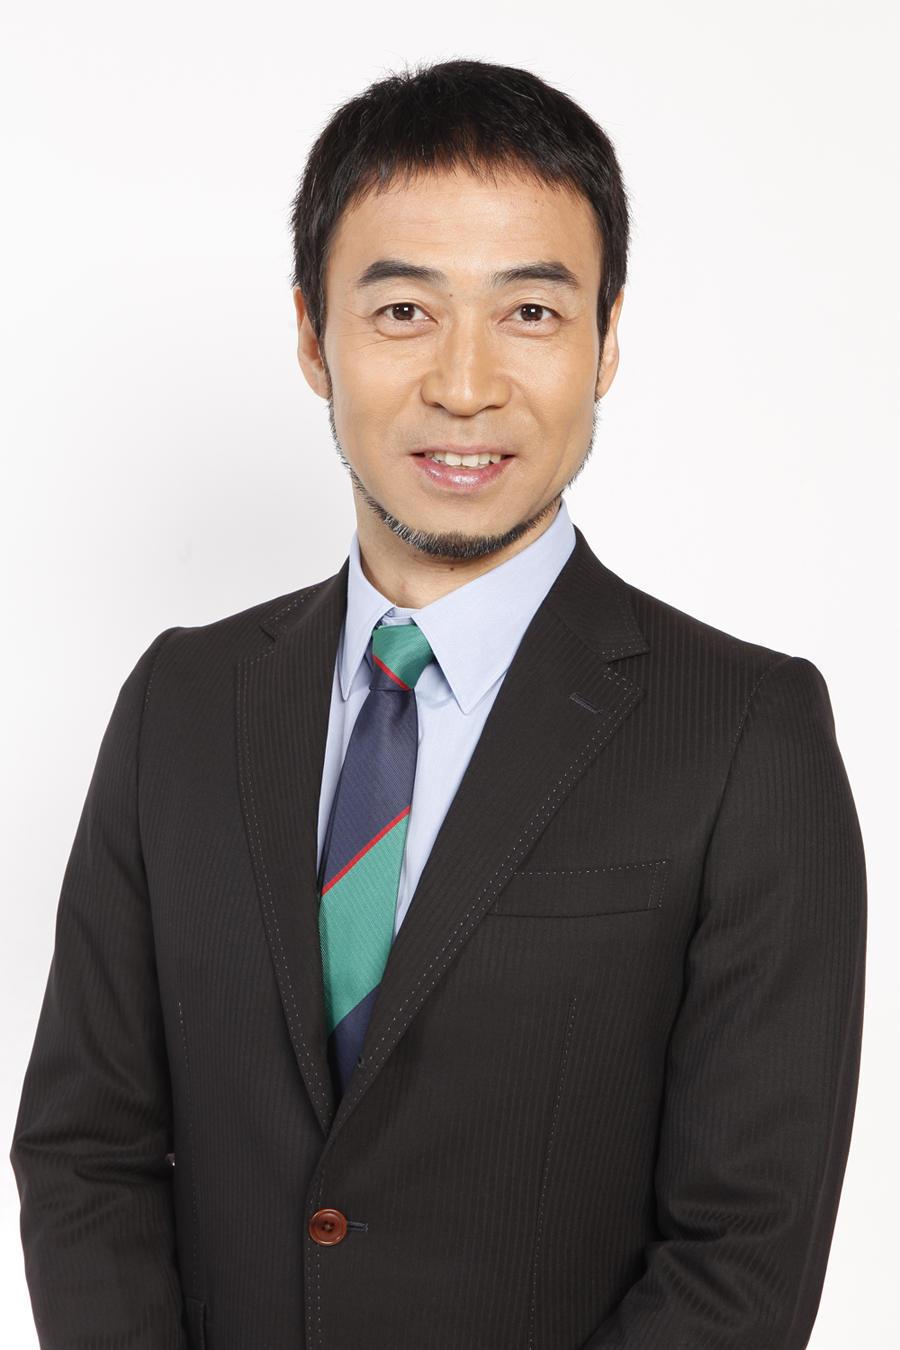 http://news.yoshimoto.co.jp/20161229181420-c9c3c74f27ffbb5cdbd22b2e310aad54bd384178.jpg